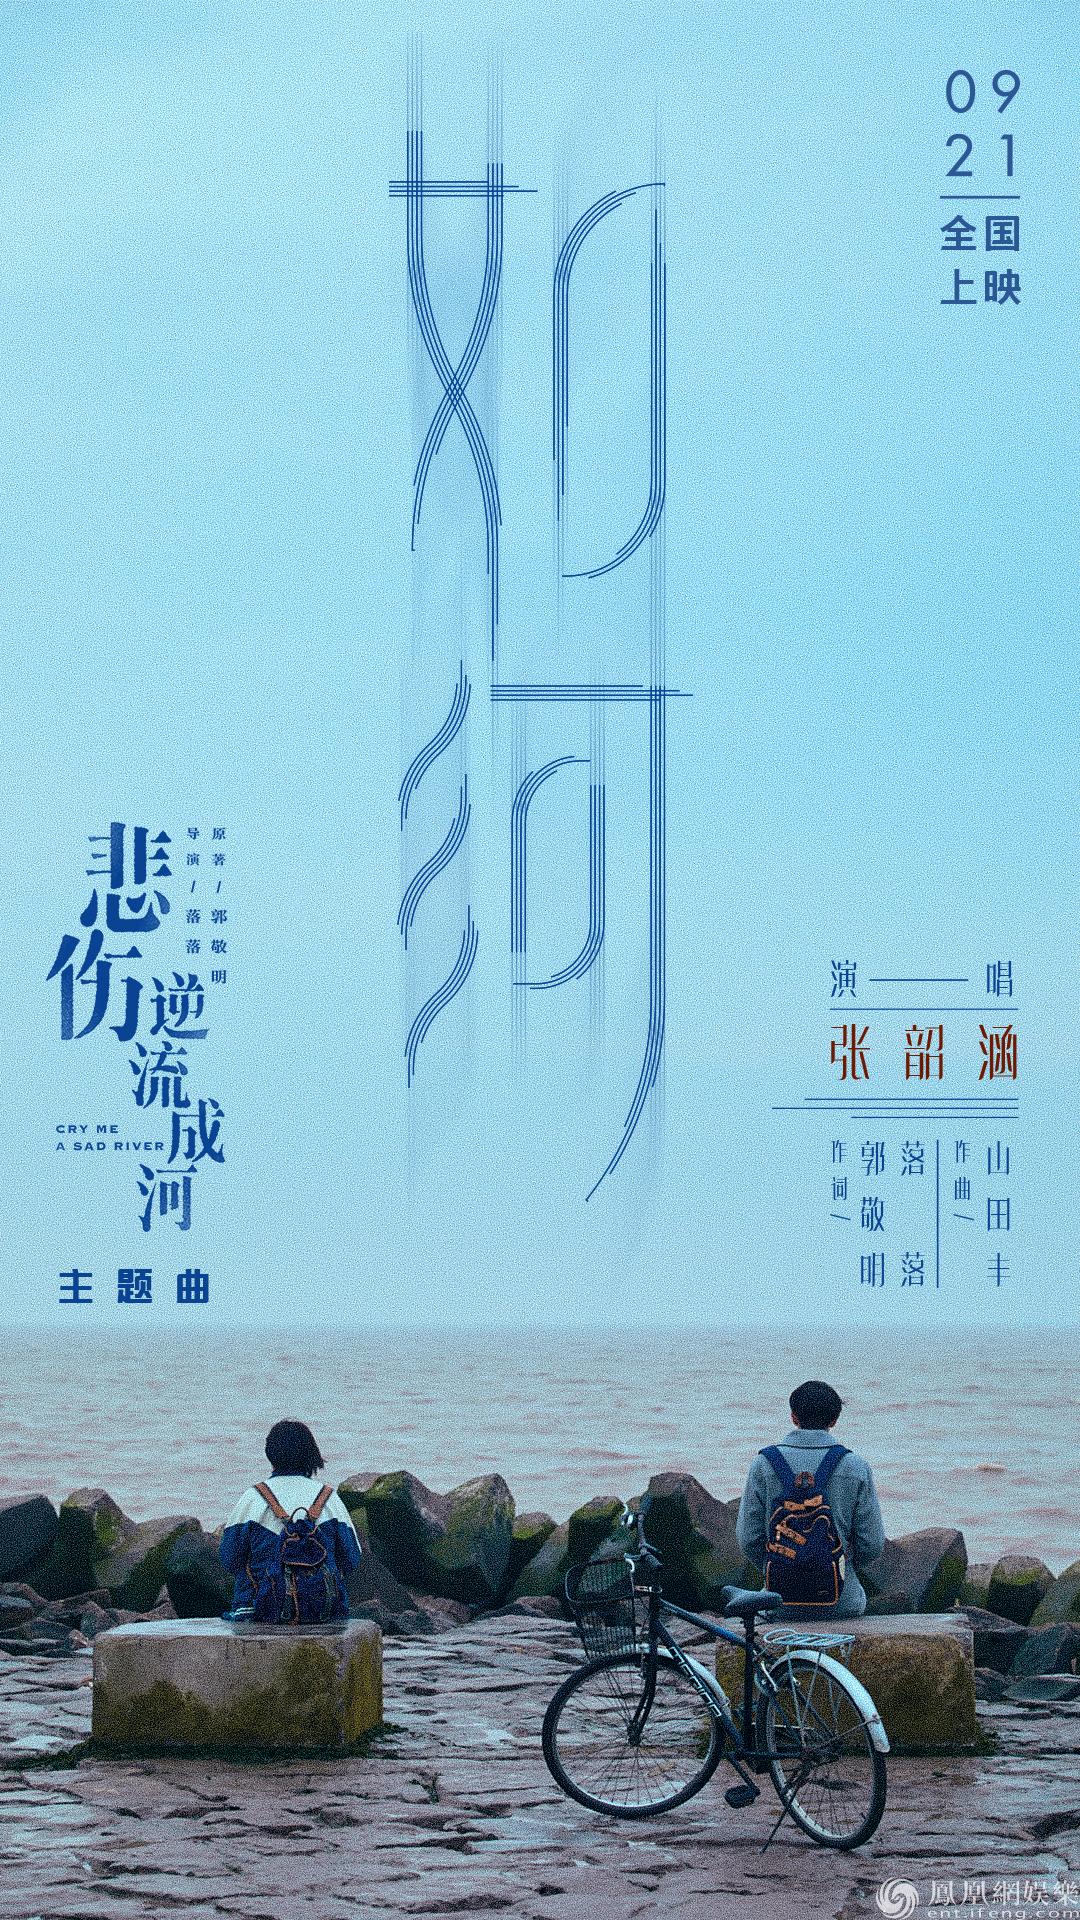 《悲伤逆流成河》提档9.21 曝主题曲《如河》